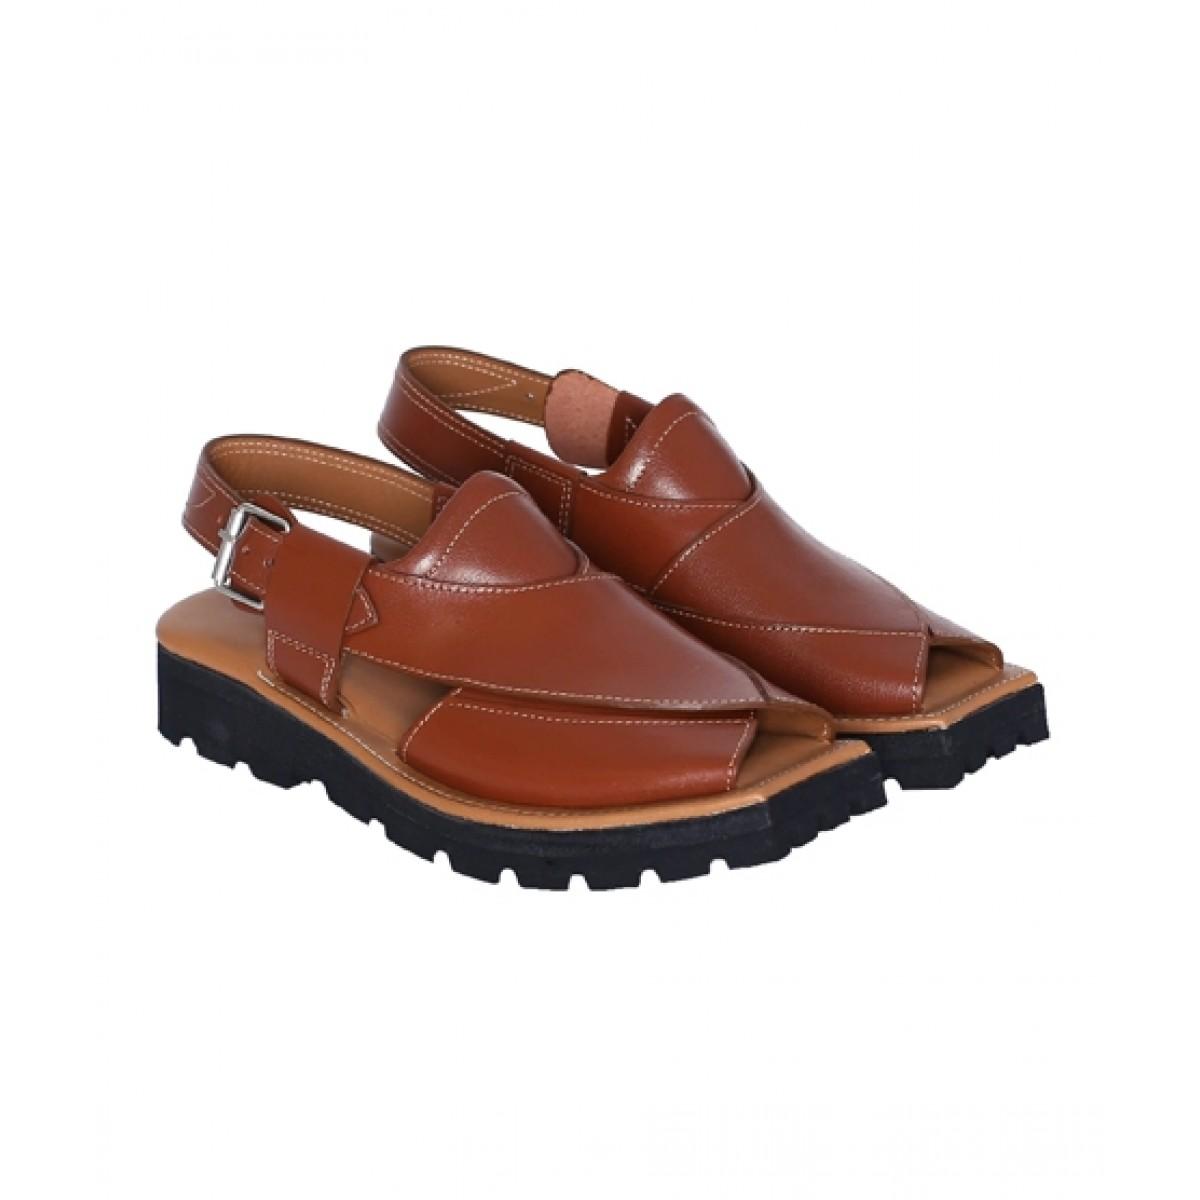 NOVADO Kaptaan Leather Peshawari Sandal For Men Cognac (0045)